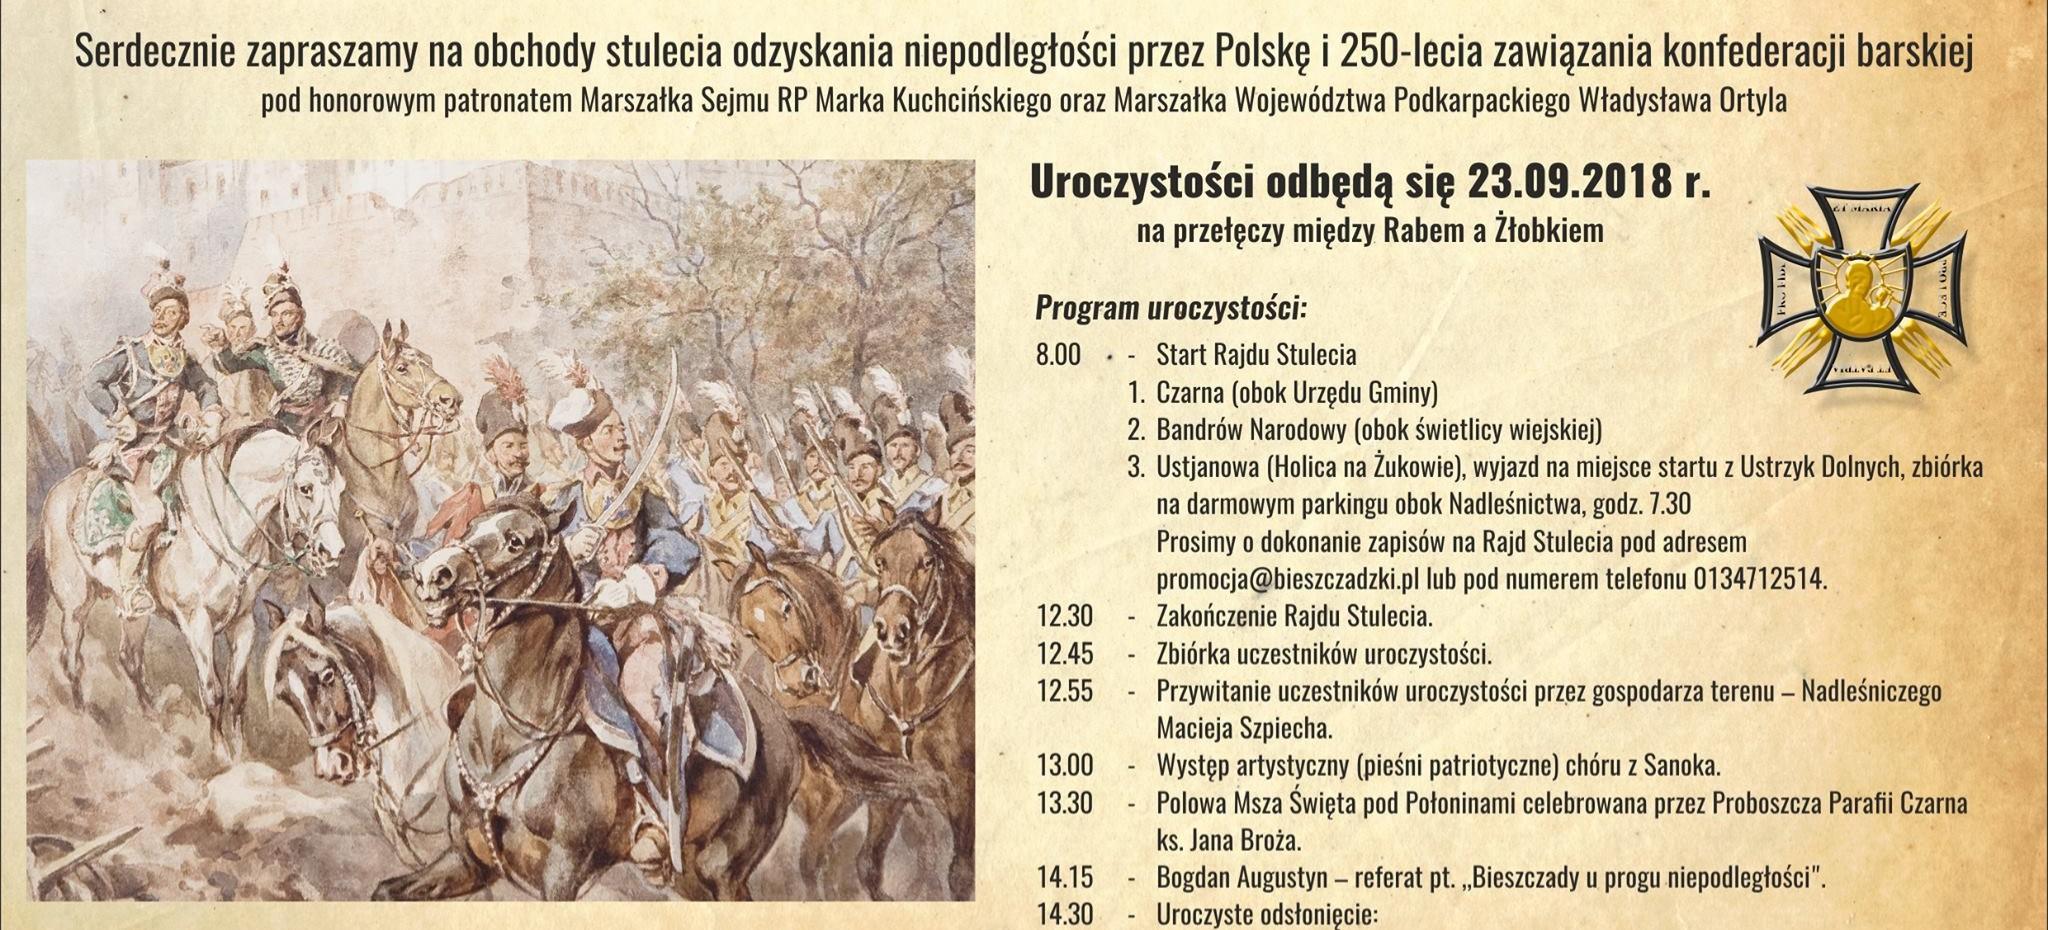 100-lecie odzyskania niepodległości i 250-lecie zawiązania konfederacji barskiej (PROGRAM)